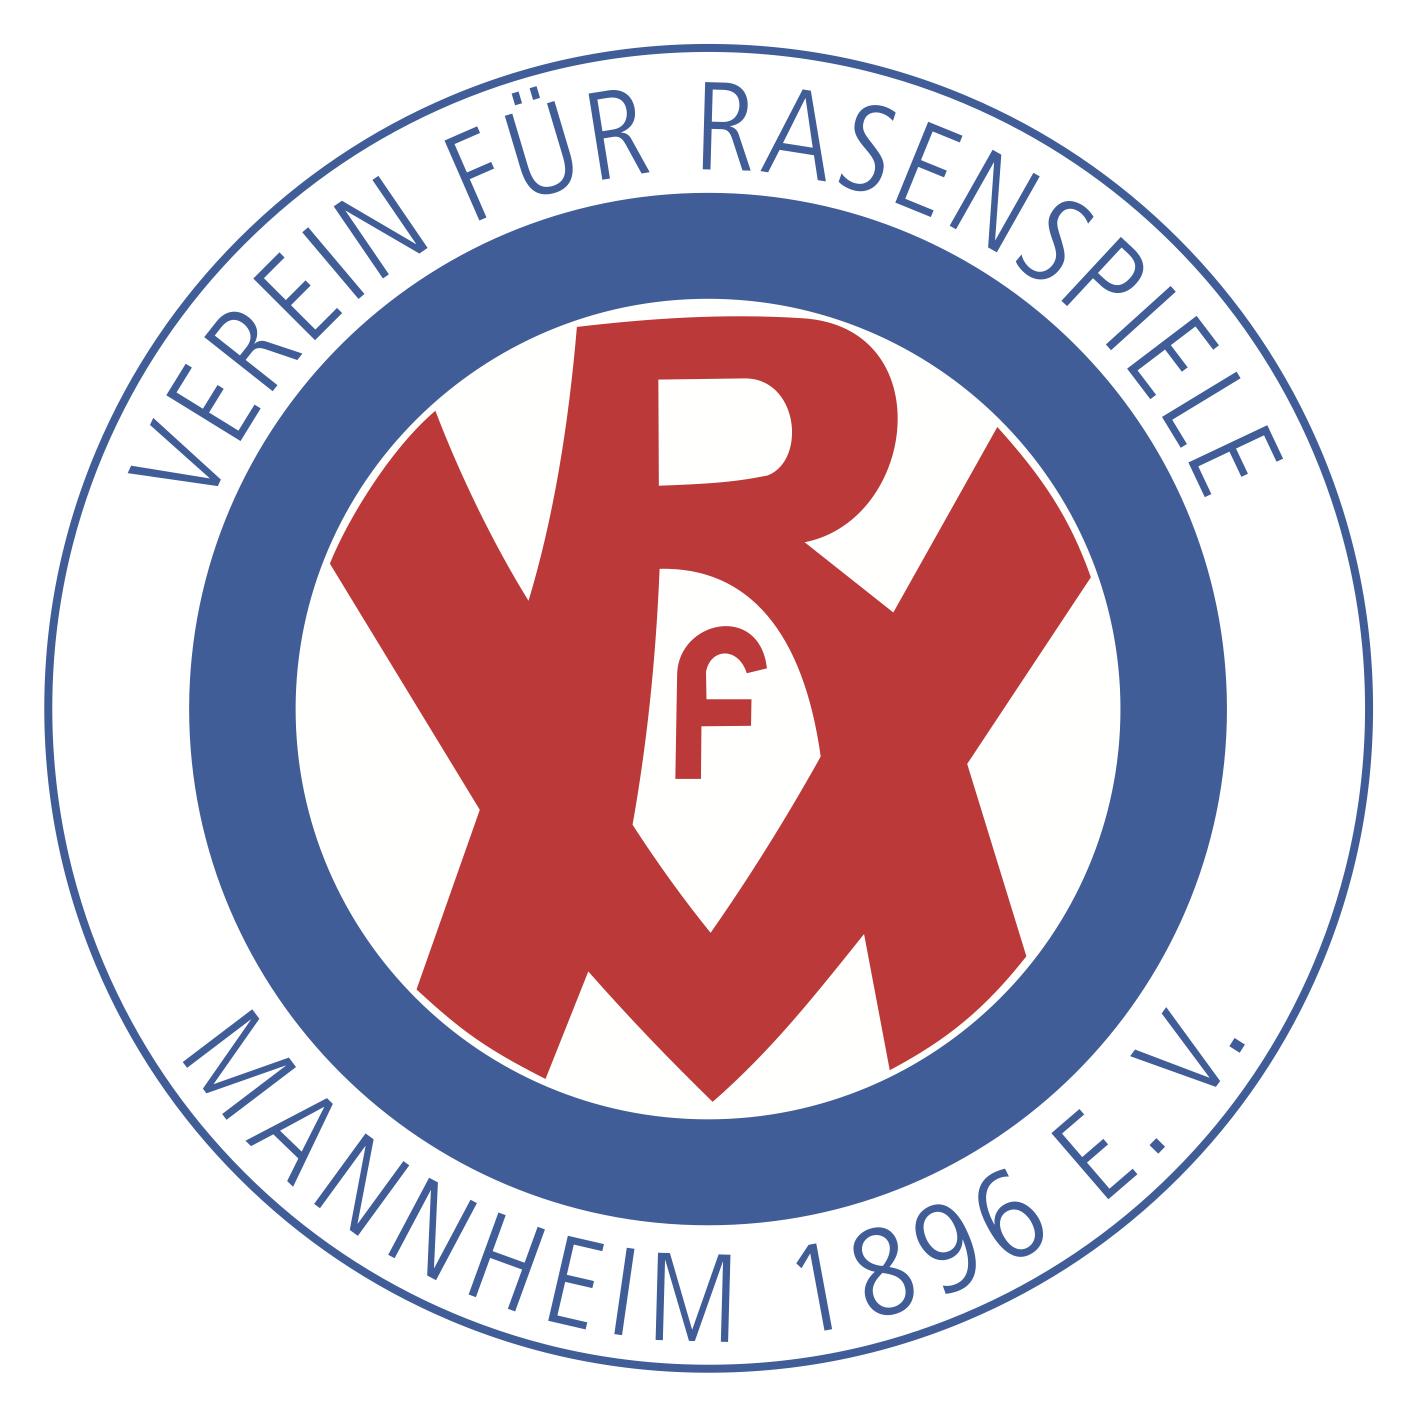 VfR Mannheim 1896 e.V.